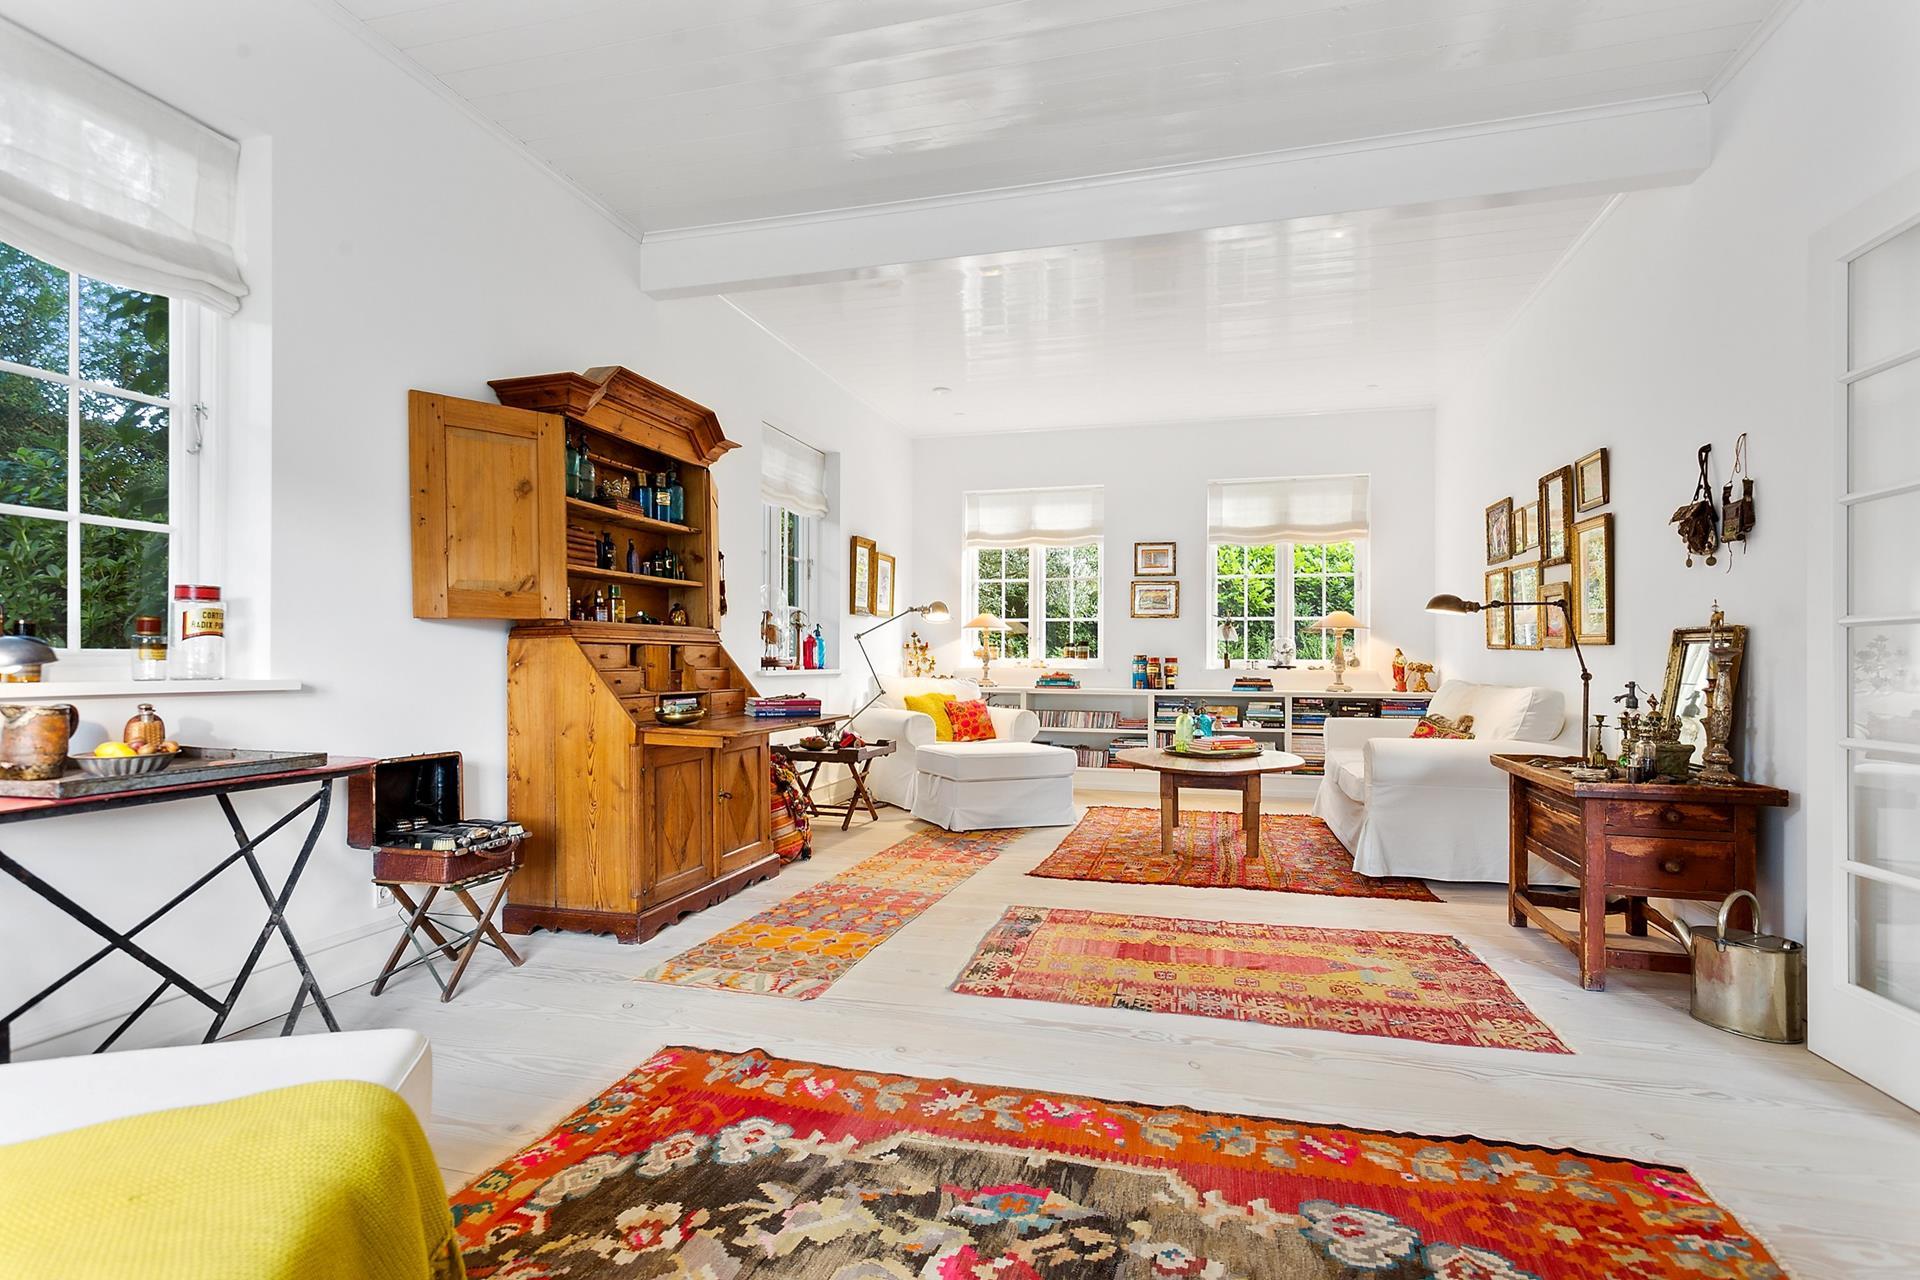 гостиная белая мягкая мебель ковры килим римские шторы